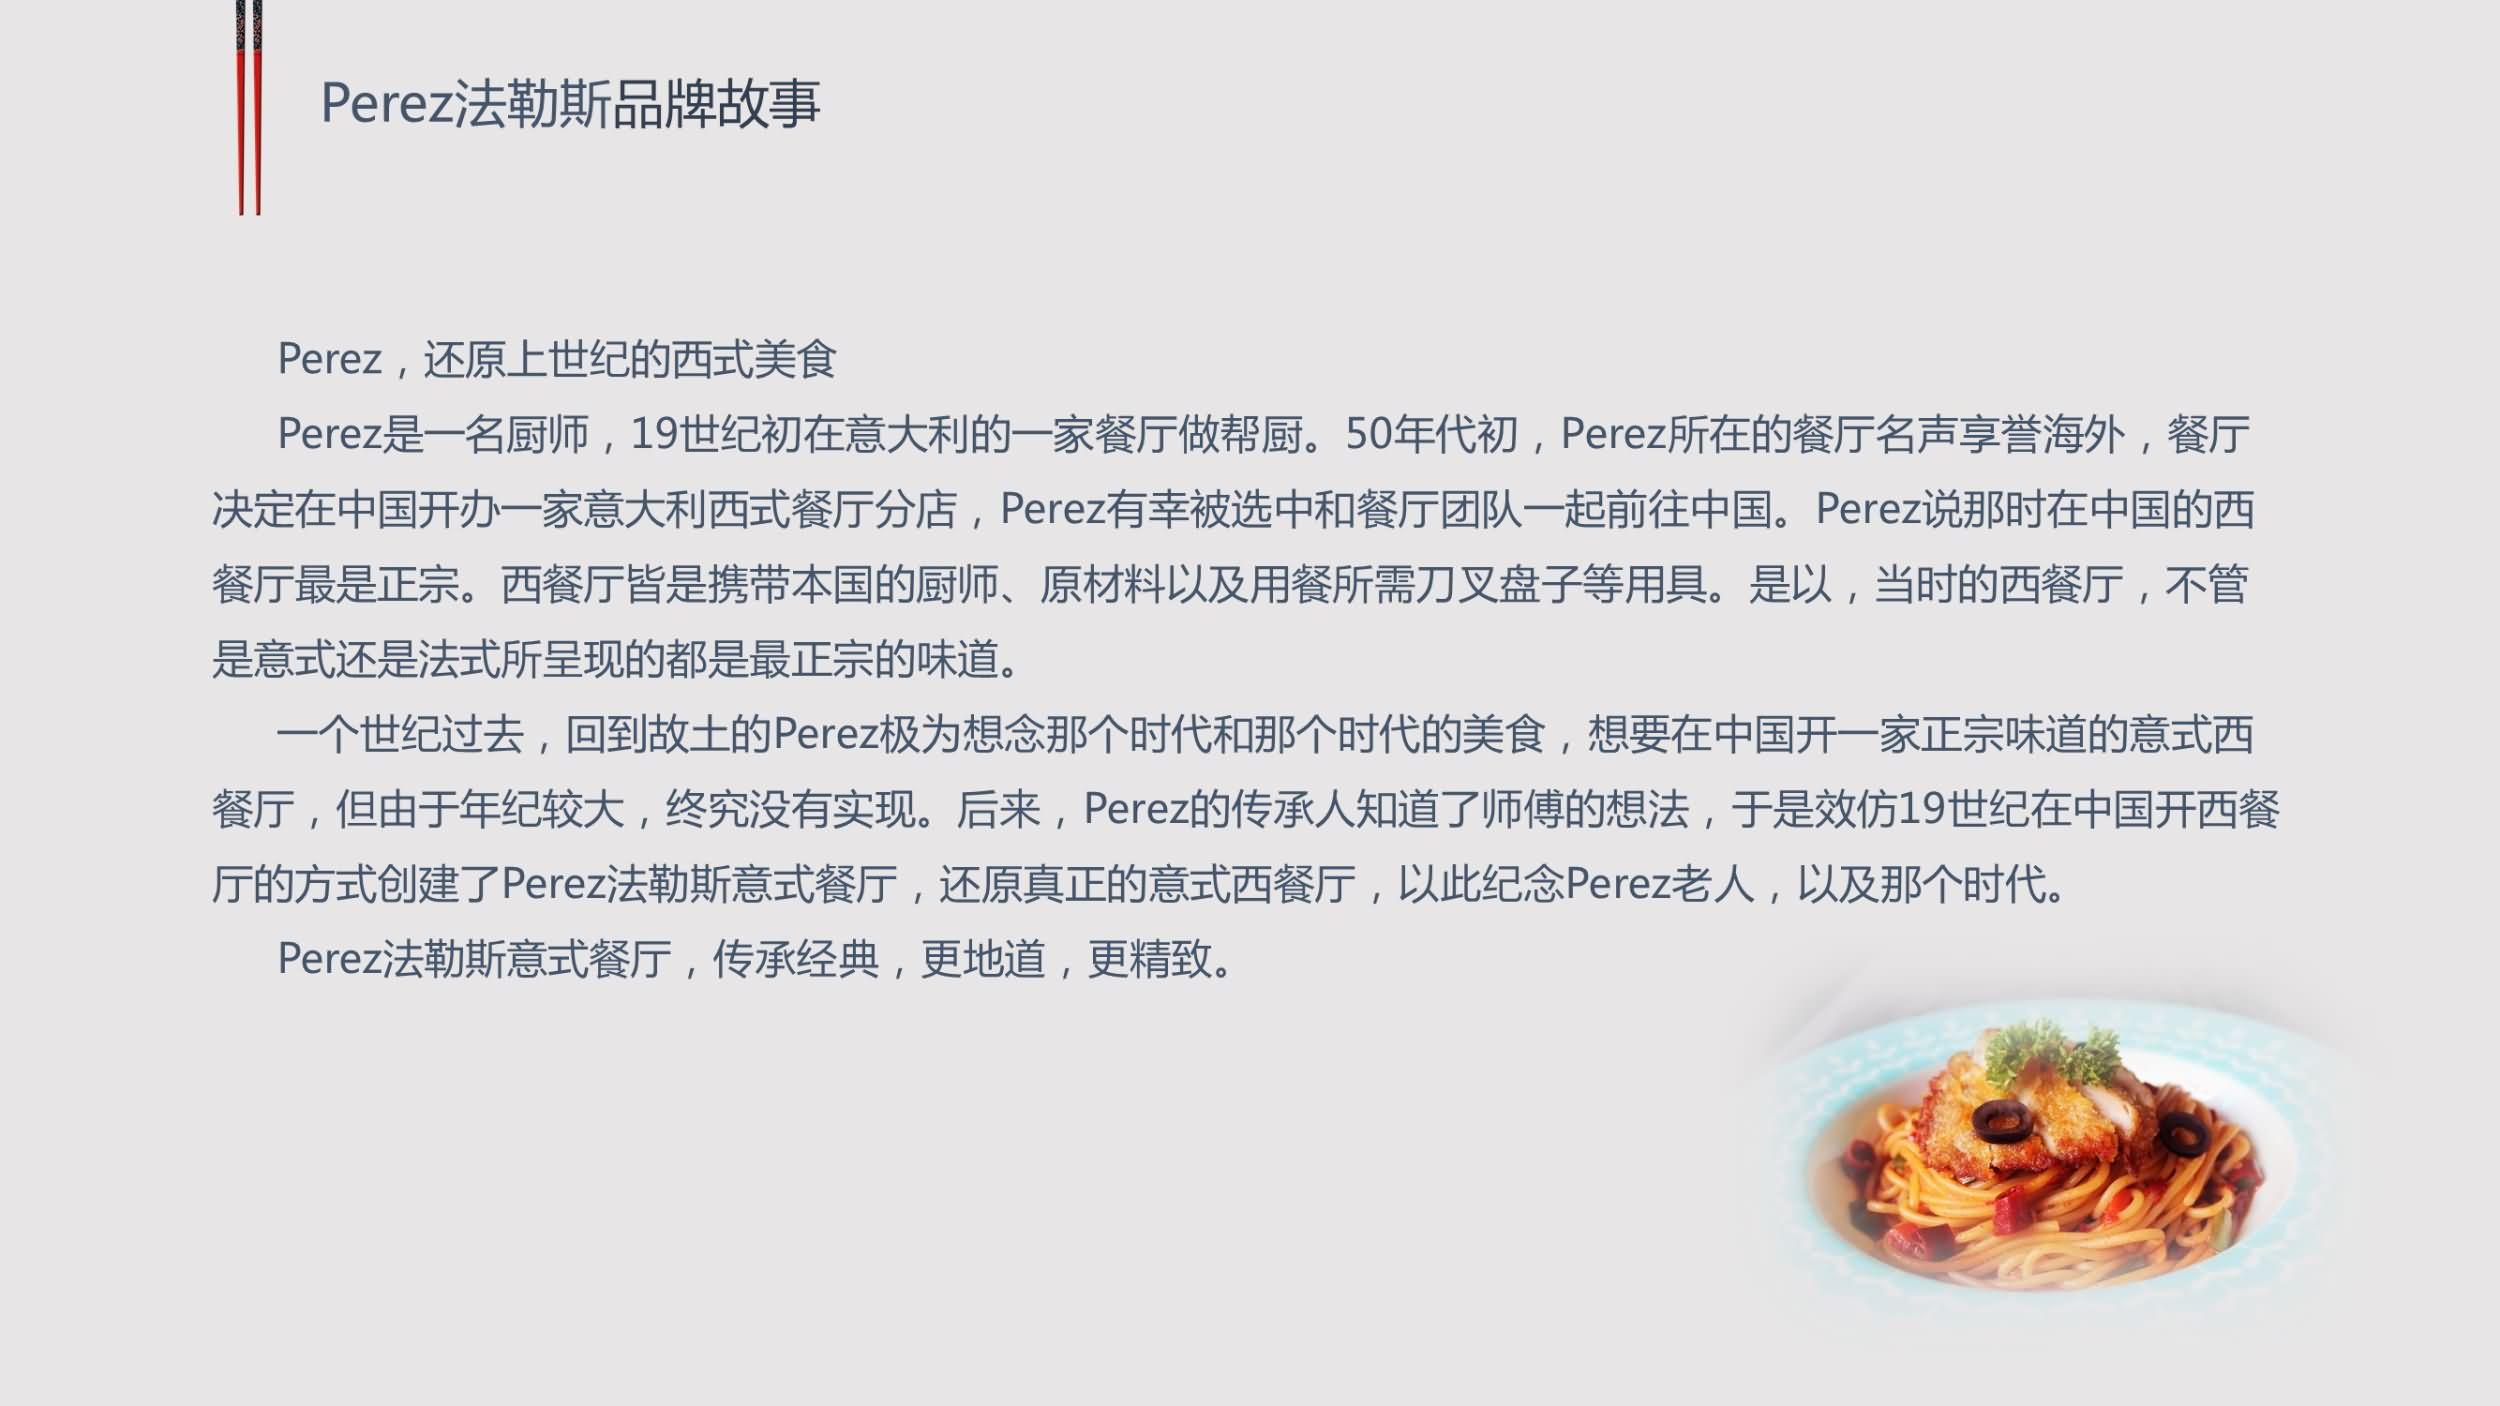 香港樂源餐飲集團有限公司19